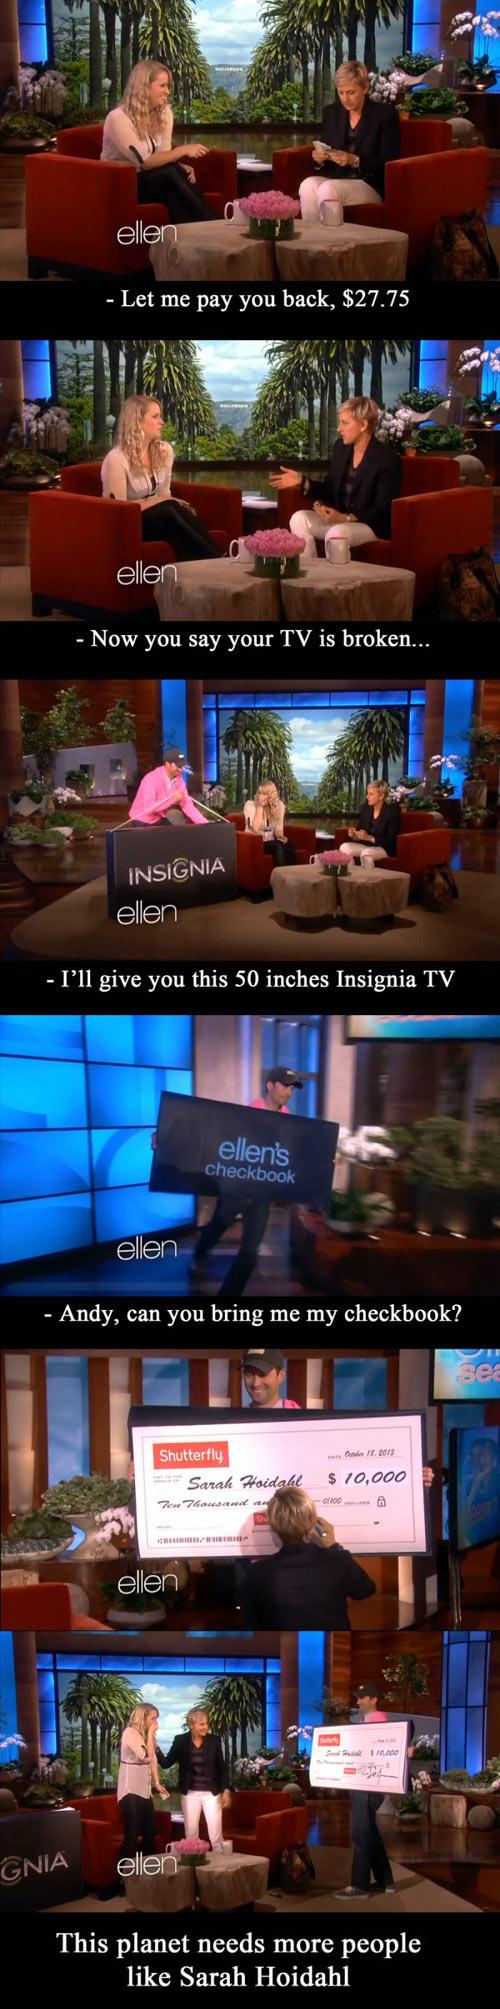 cool-waitress-Ellen-TV-gift